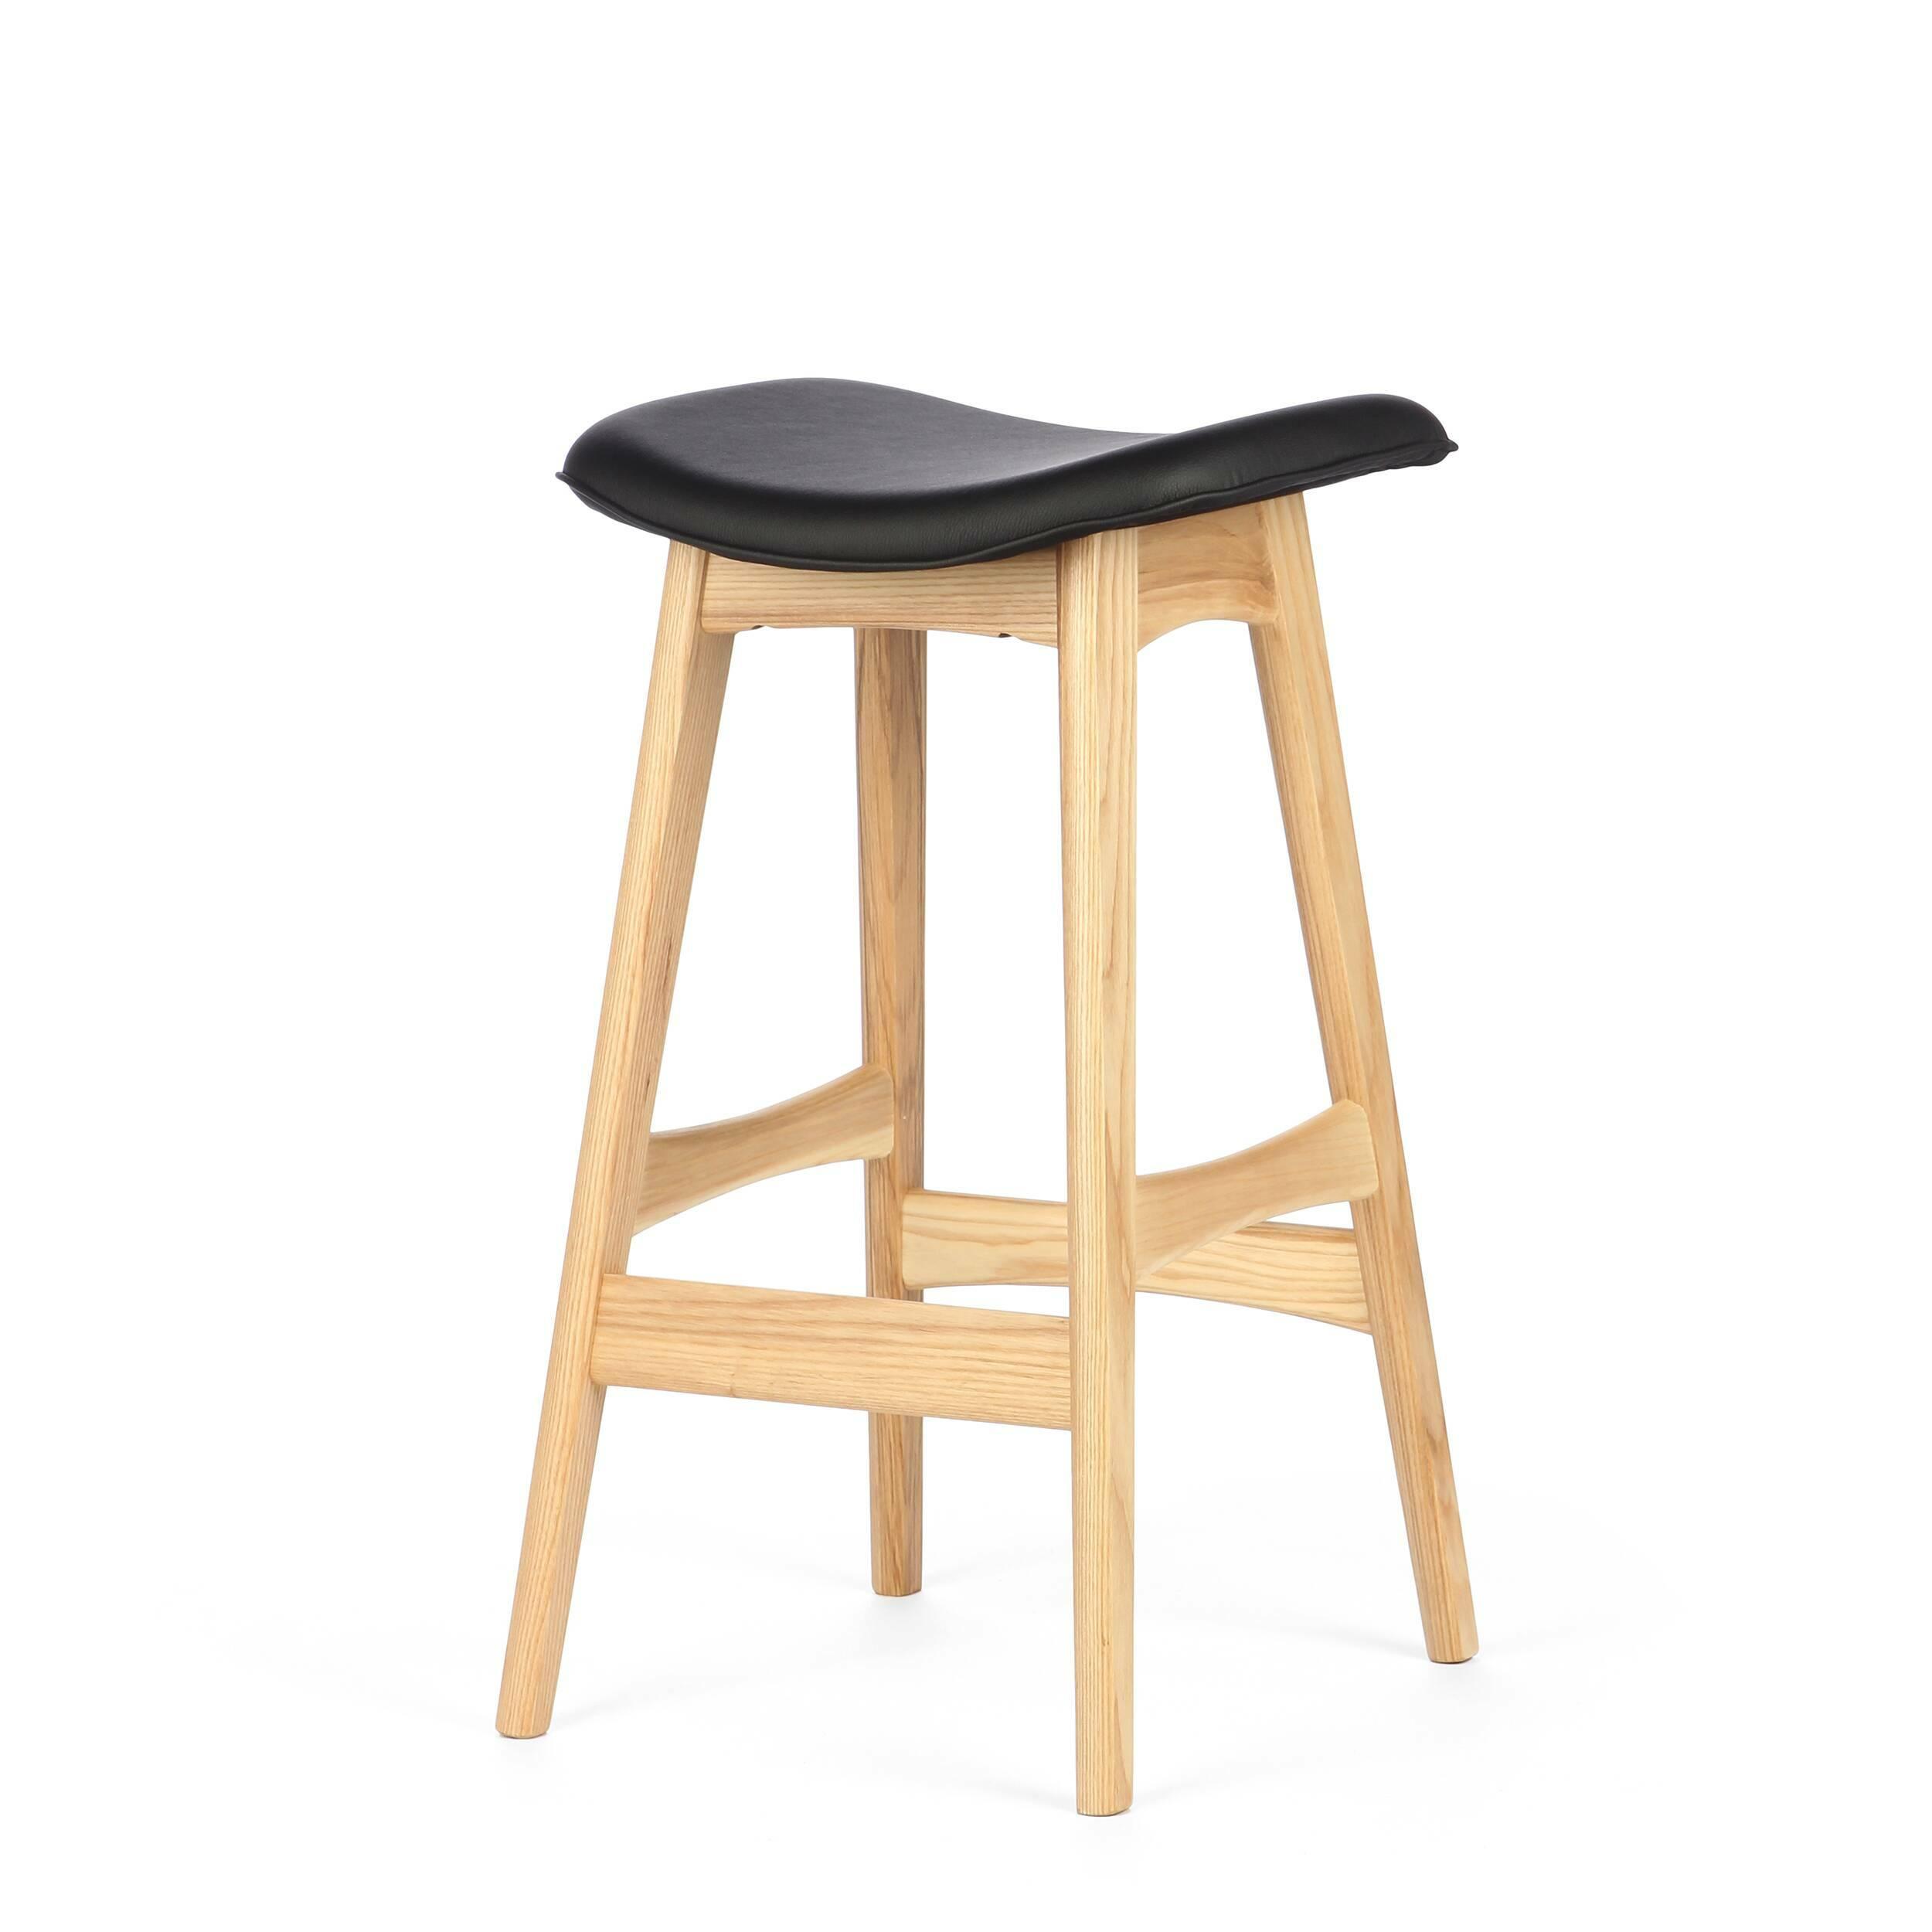 Барный стул Allegra высота 67Полубарные<br>Первоначально разработанный Йоханнесом Андерсеном в 1961 году, барный стул Allegra высота 67 — простое, но шикарное дополнение к любому дому или офису. С сиденьем, находящимся на уровне 76 сантиметров, этот стильный стул практичен и современен.<br><br><br> Высококачественная рама барного стула Allegra высота 67 выполнена из ореха, а сиденье — из мягкой кожи, которую к тому же легко чистить. Сиденье шириной 40 сантиметров подстроено под анатомические линии тела. Красное, белое и черное цветовое...<br><br>stock: 8<br>Высота: 66,5<br>Ширина: 40<br>Глубина: 38,5<br>Цвет ножек: Светло-коричневый<br>Материал ножек: Массив ясеня<br>Материал сидения: Полиуретан<br>Цвет сидения: Черный<br>Тип материала сидения: Кожа искусственная<br>Коллекция ткани: Premium Grade PU<br>Тип материала ножек: Дерево